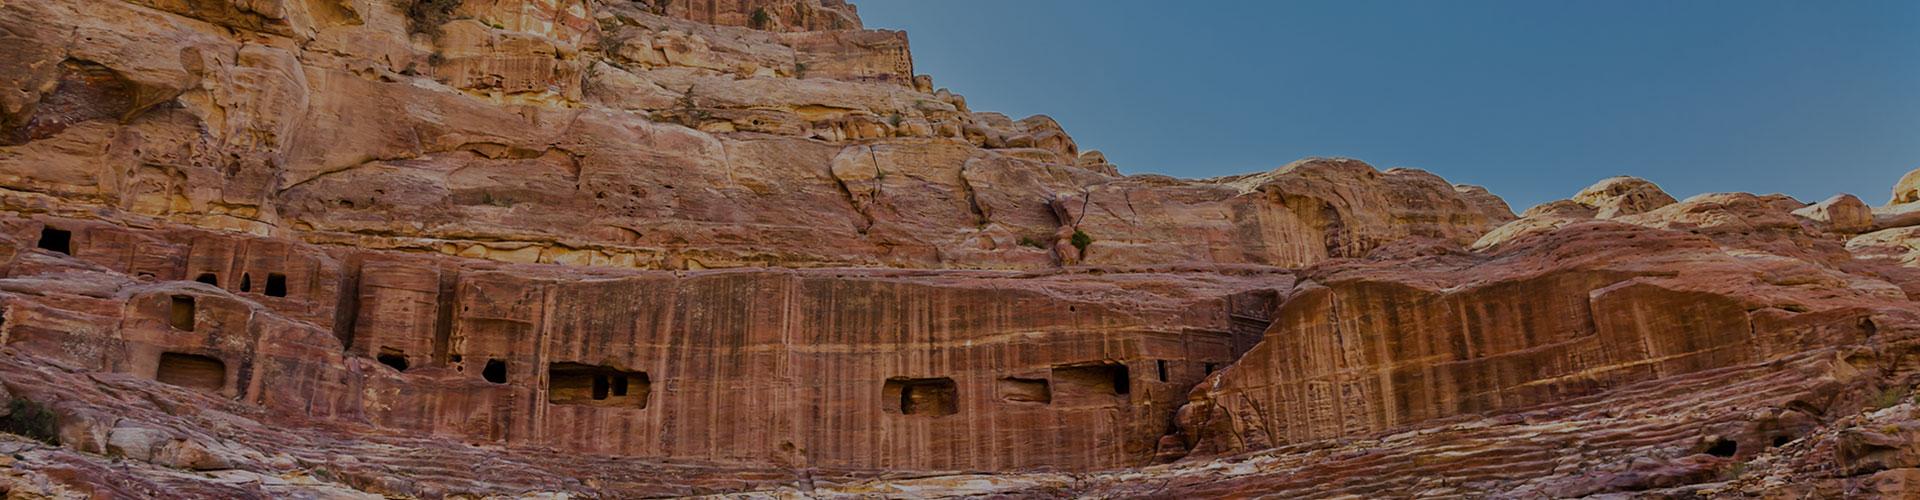 Landmark photograph of Jordan